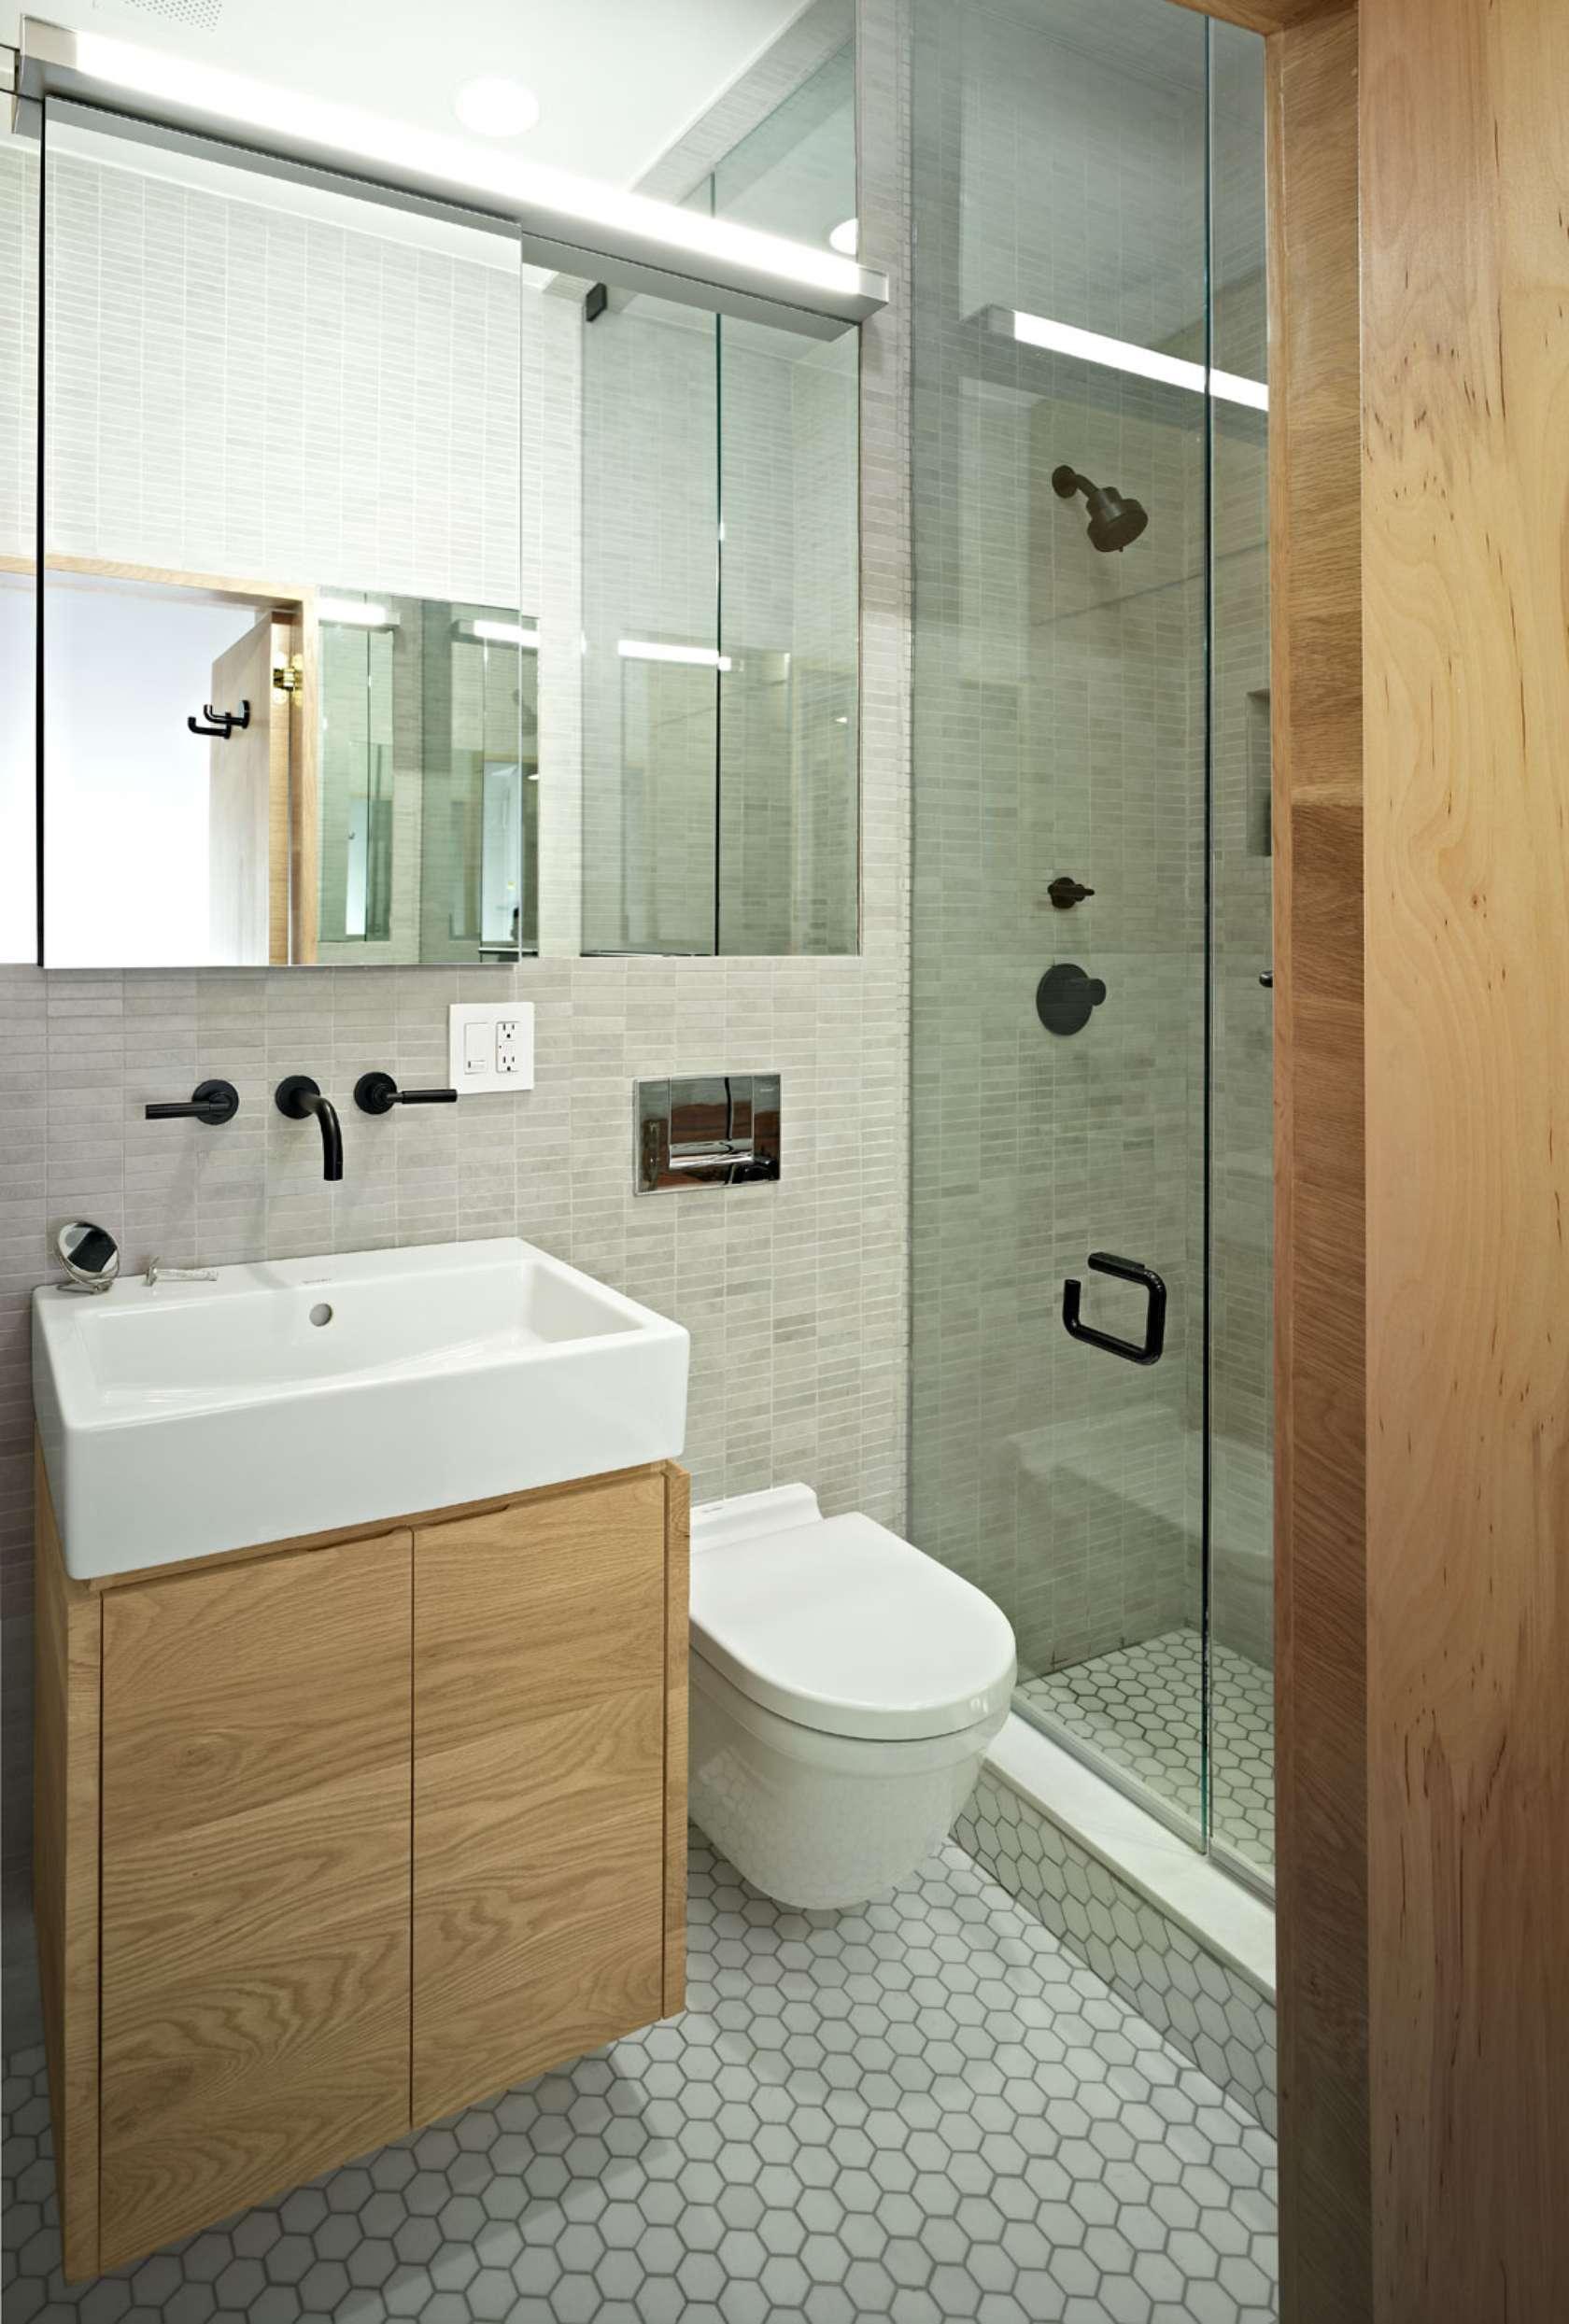 Пенал под раковину в ванной